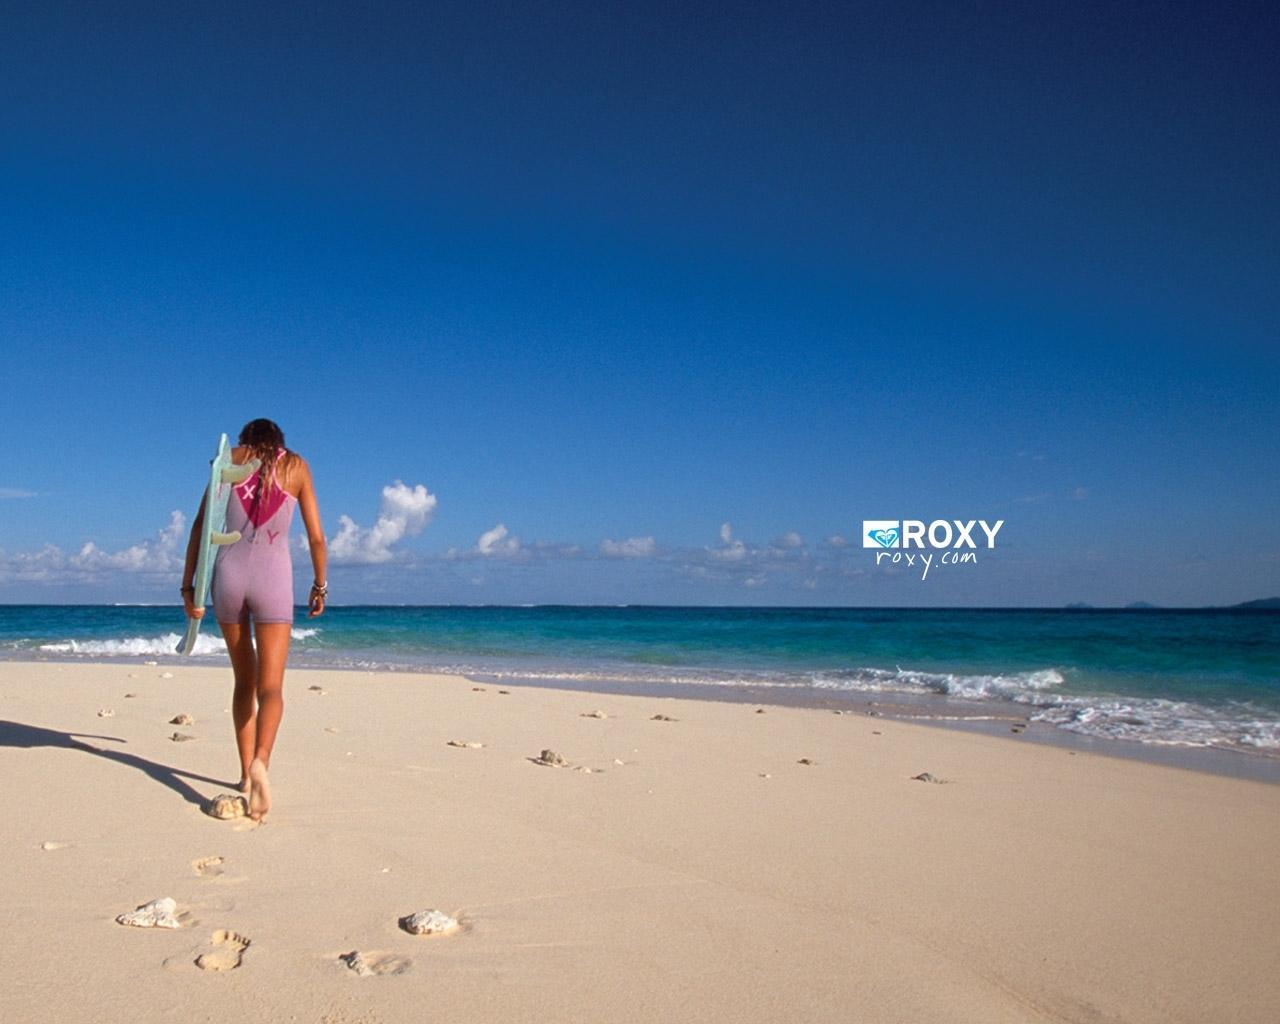 Roxy surfing   Roxy Wallpaper 921837 1280x1024